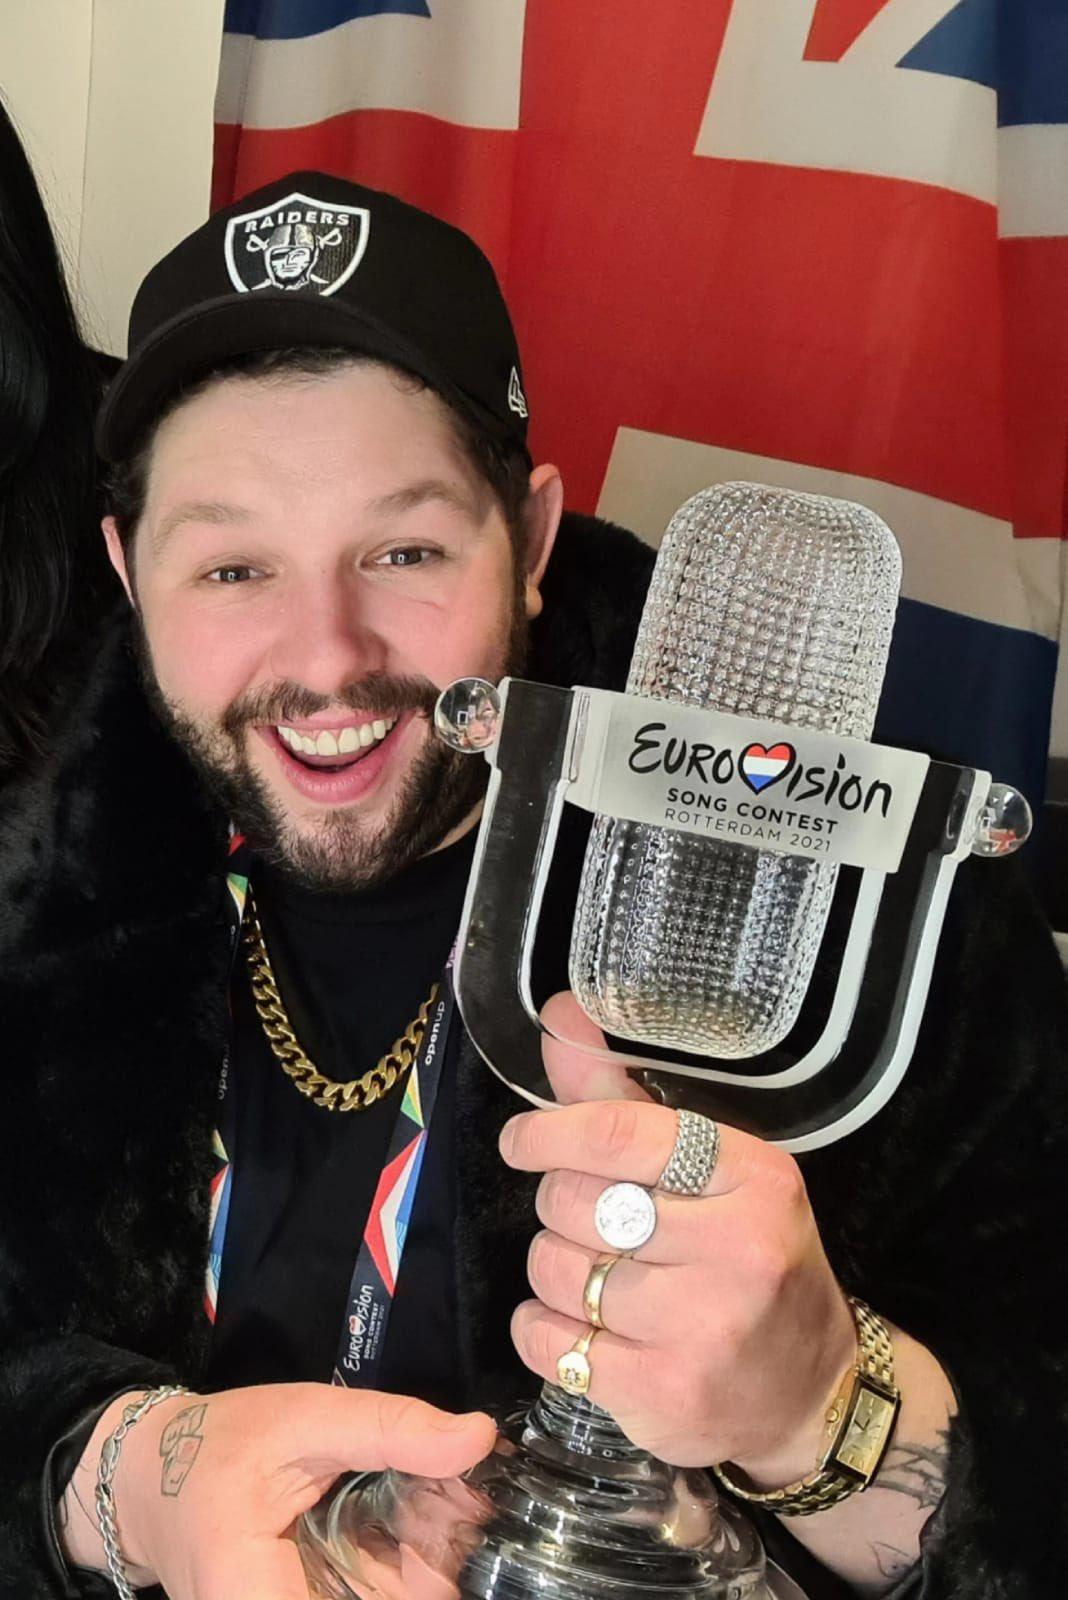 james newman 2021 eurovision pic - Евровидение-2021: представитель Великобритании, получивший 0 баллов, прокомментировал своё участие